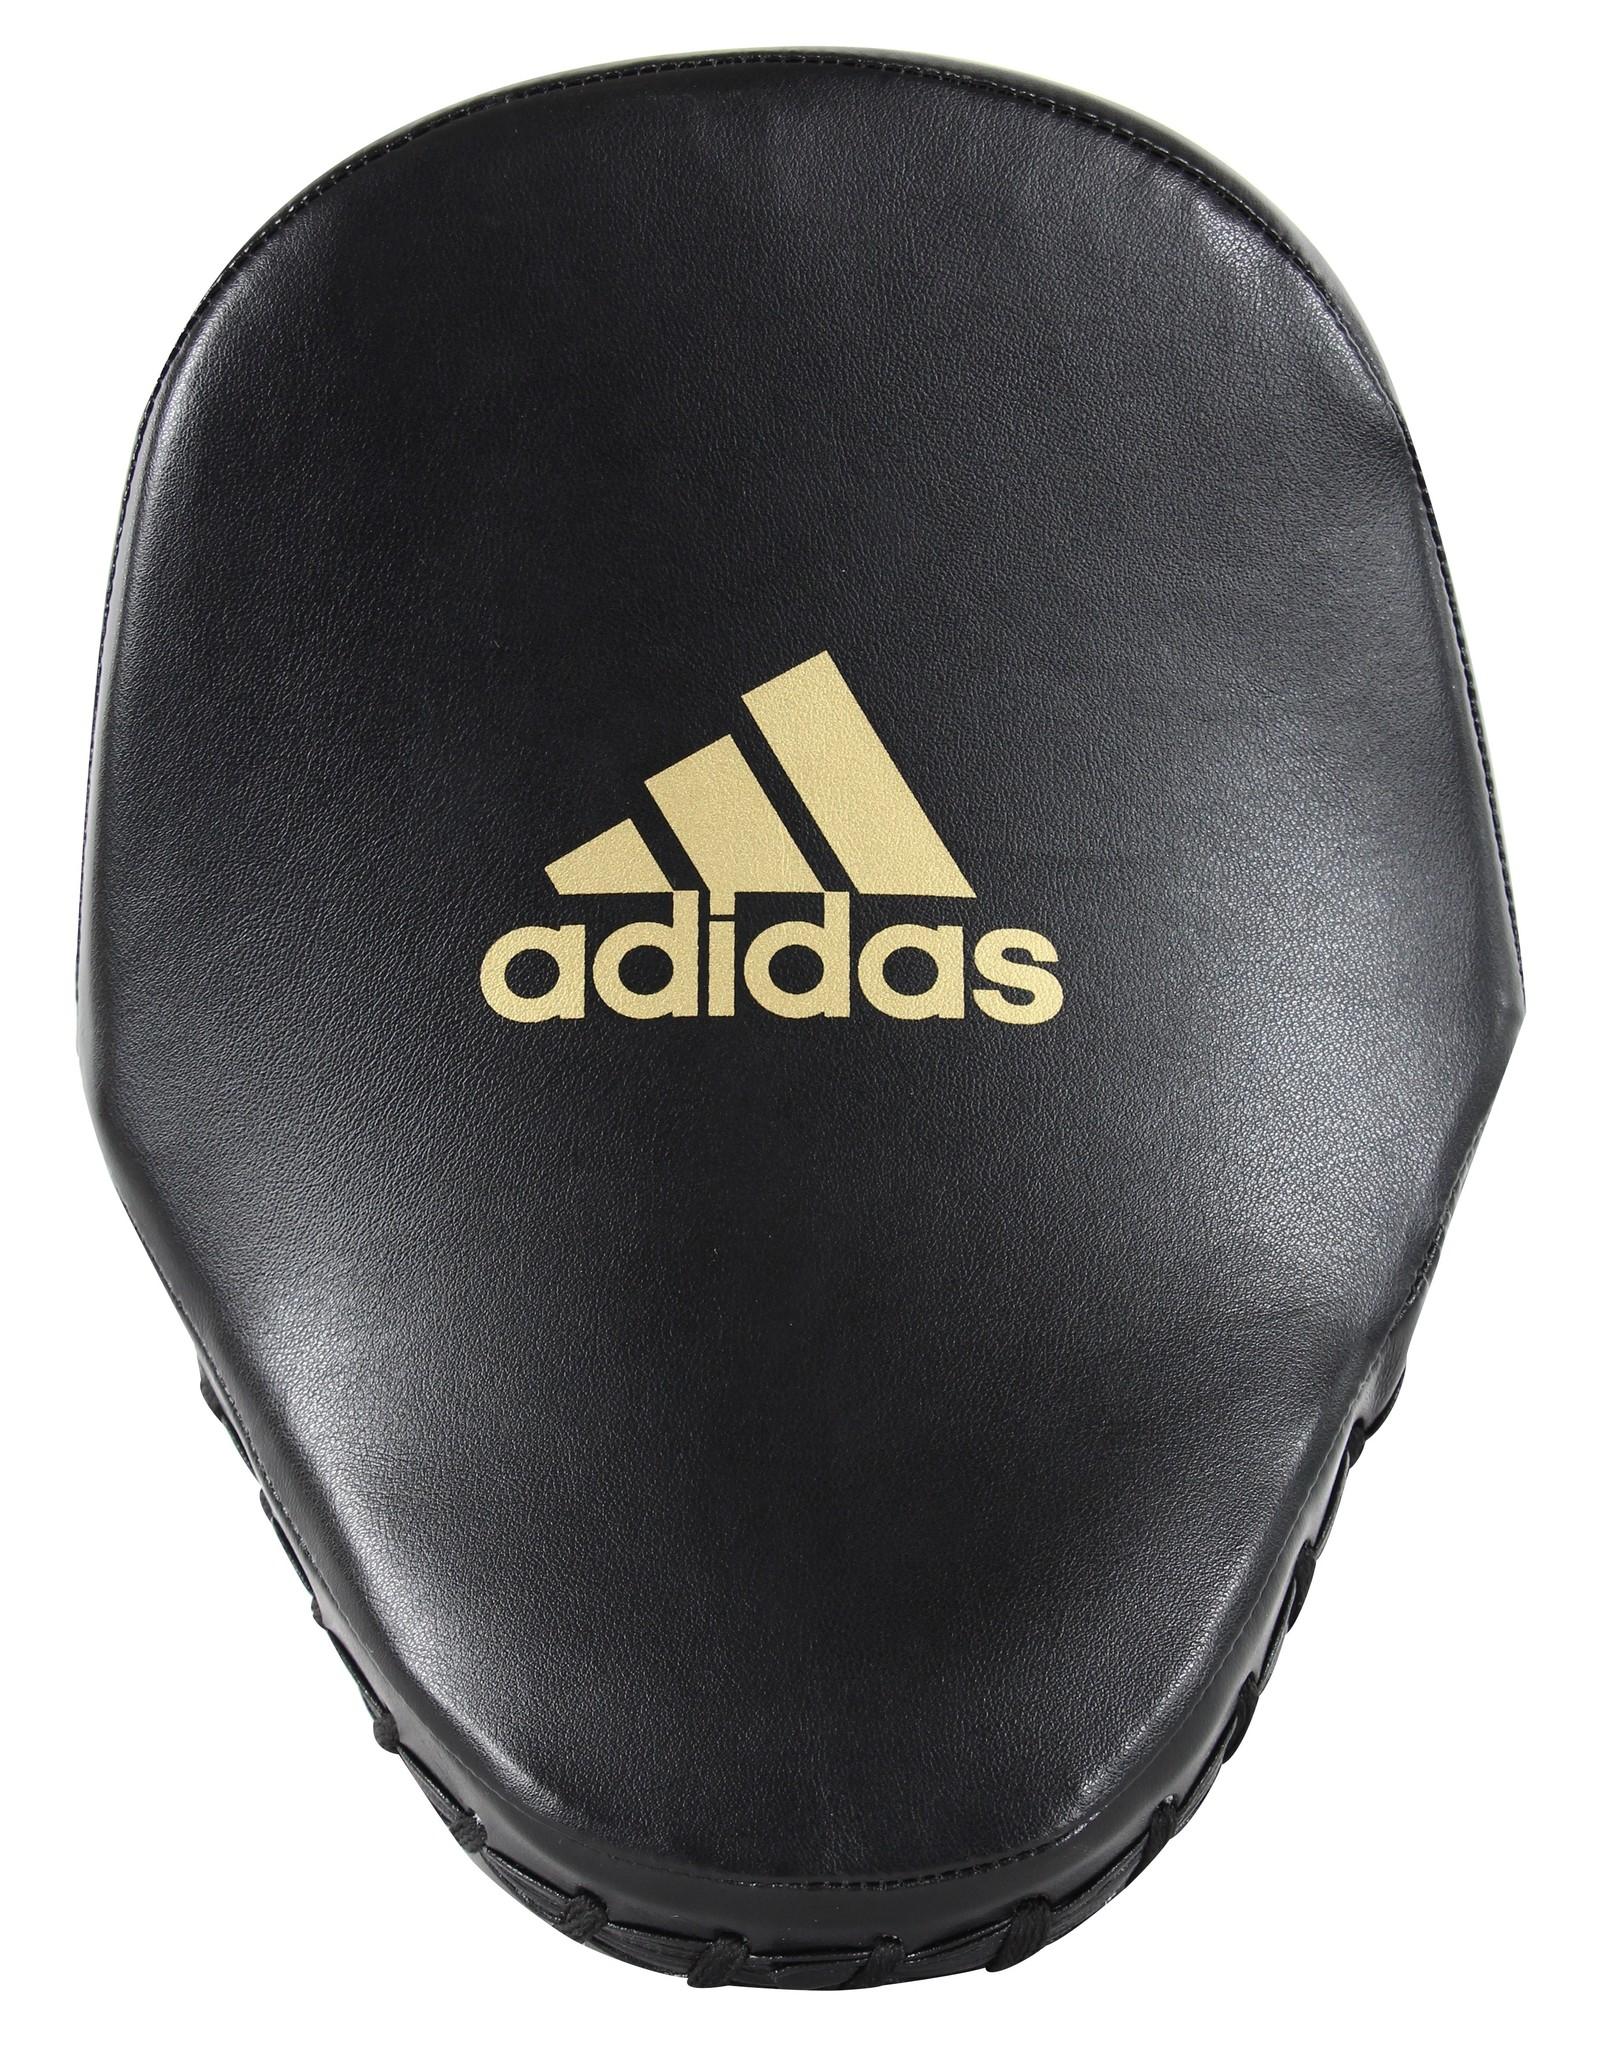 Adidas adidas Speed Focus Mitt / Handpad Zwart/Goud